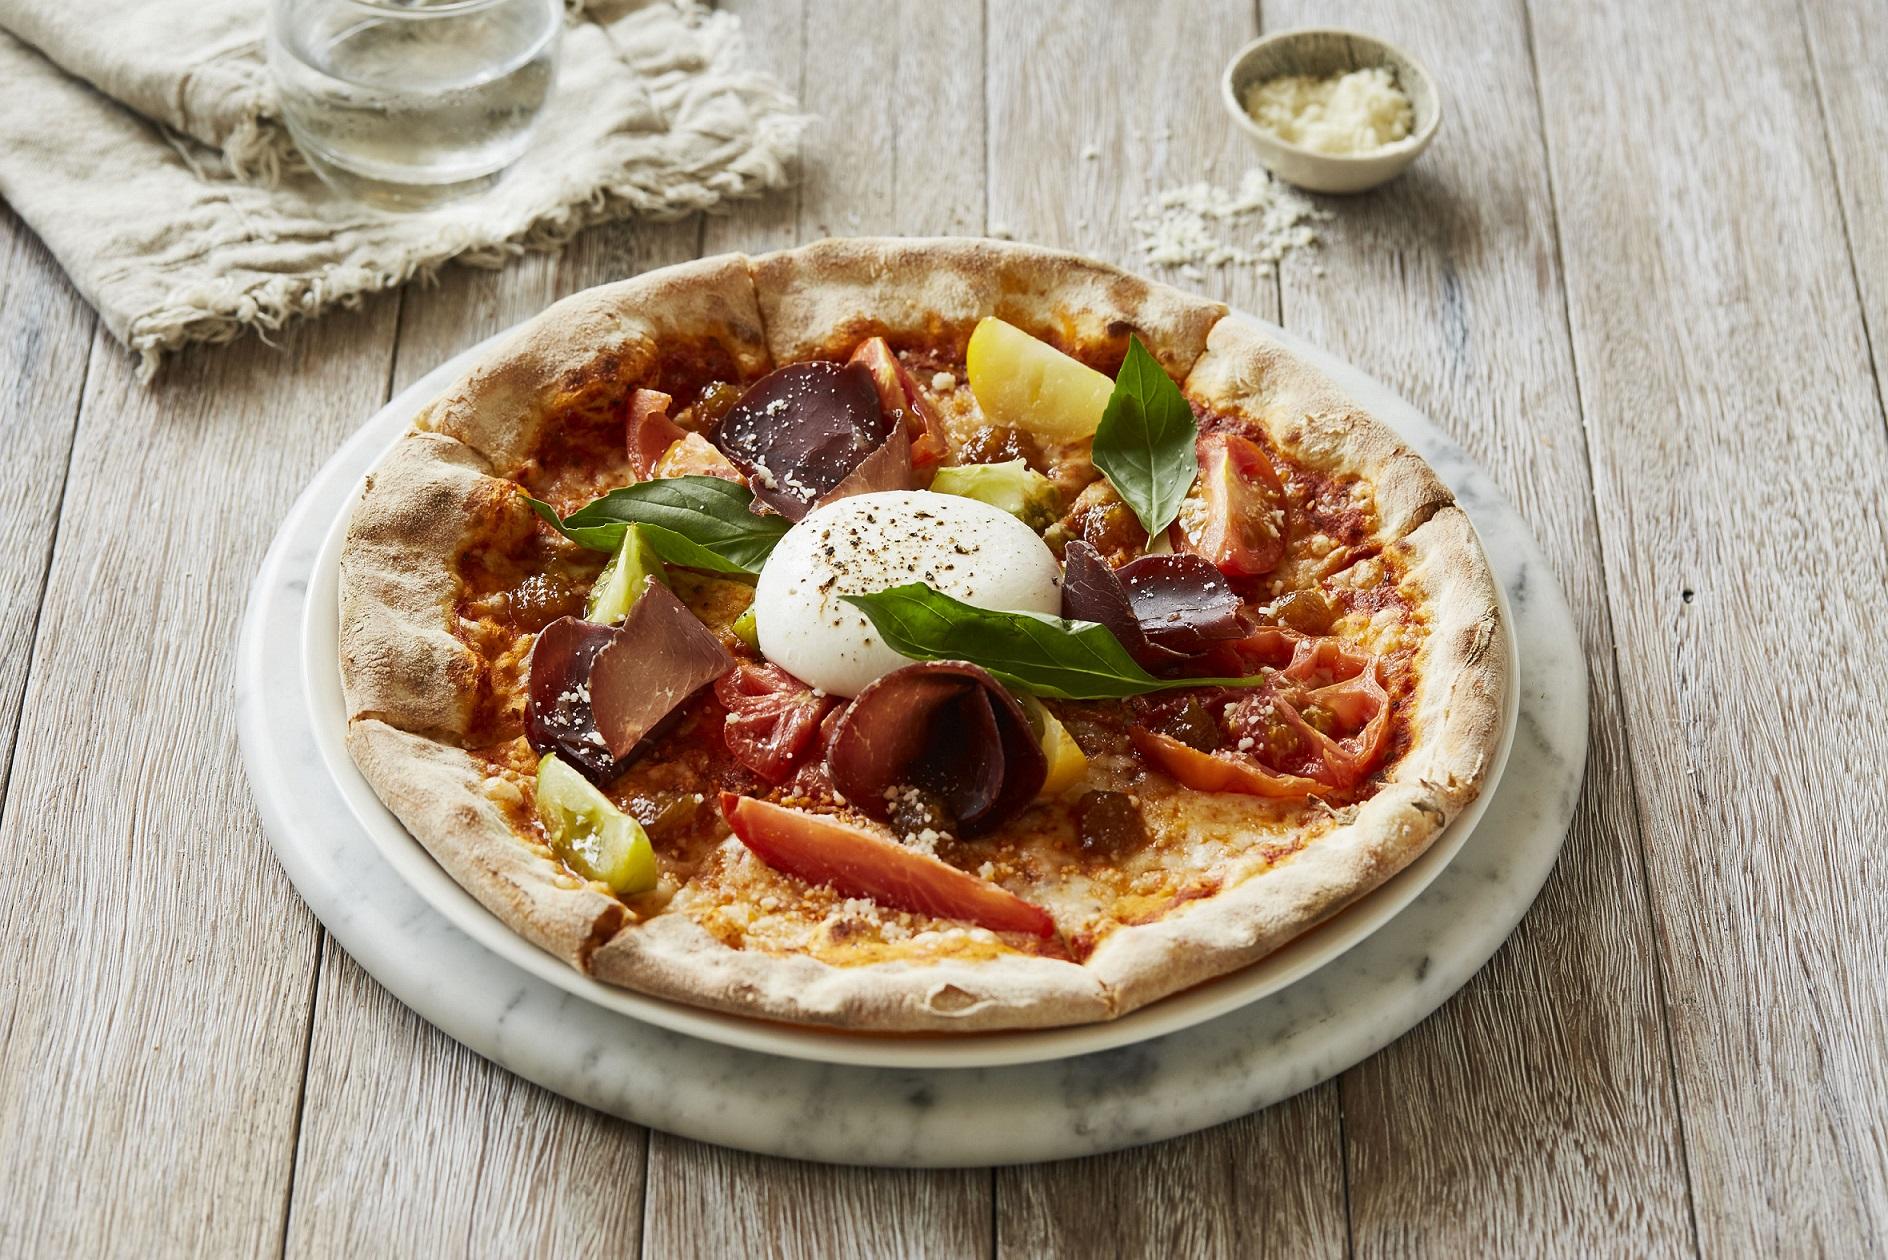 مطعم كارلوتشيوز في دبي مول يقدم قائمة طعام من أفخر المكونات